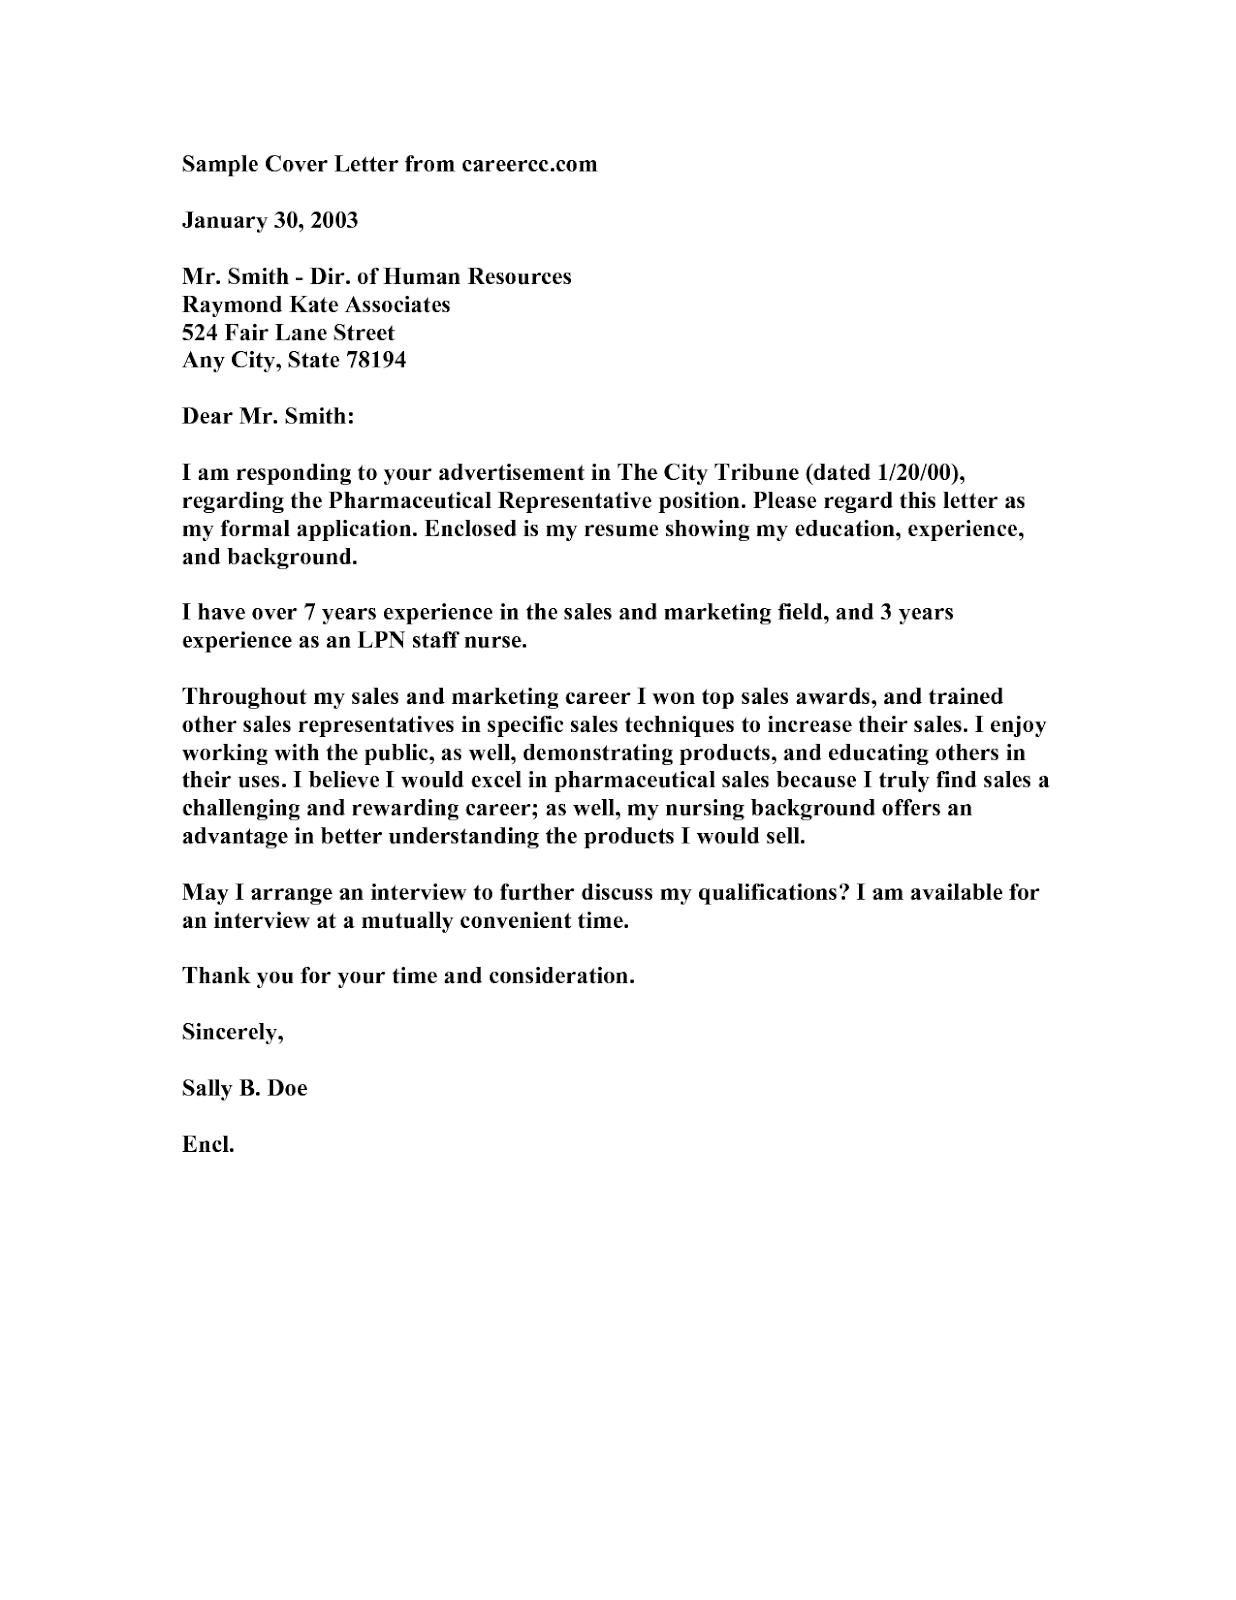 Nursing Student Resume Cover Letter Examples Resume Cover Letter